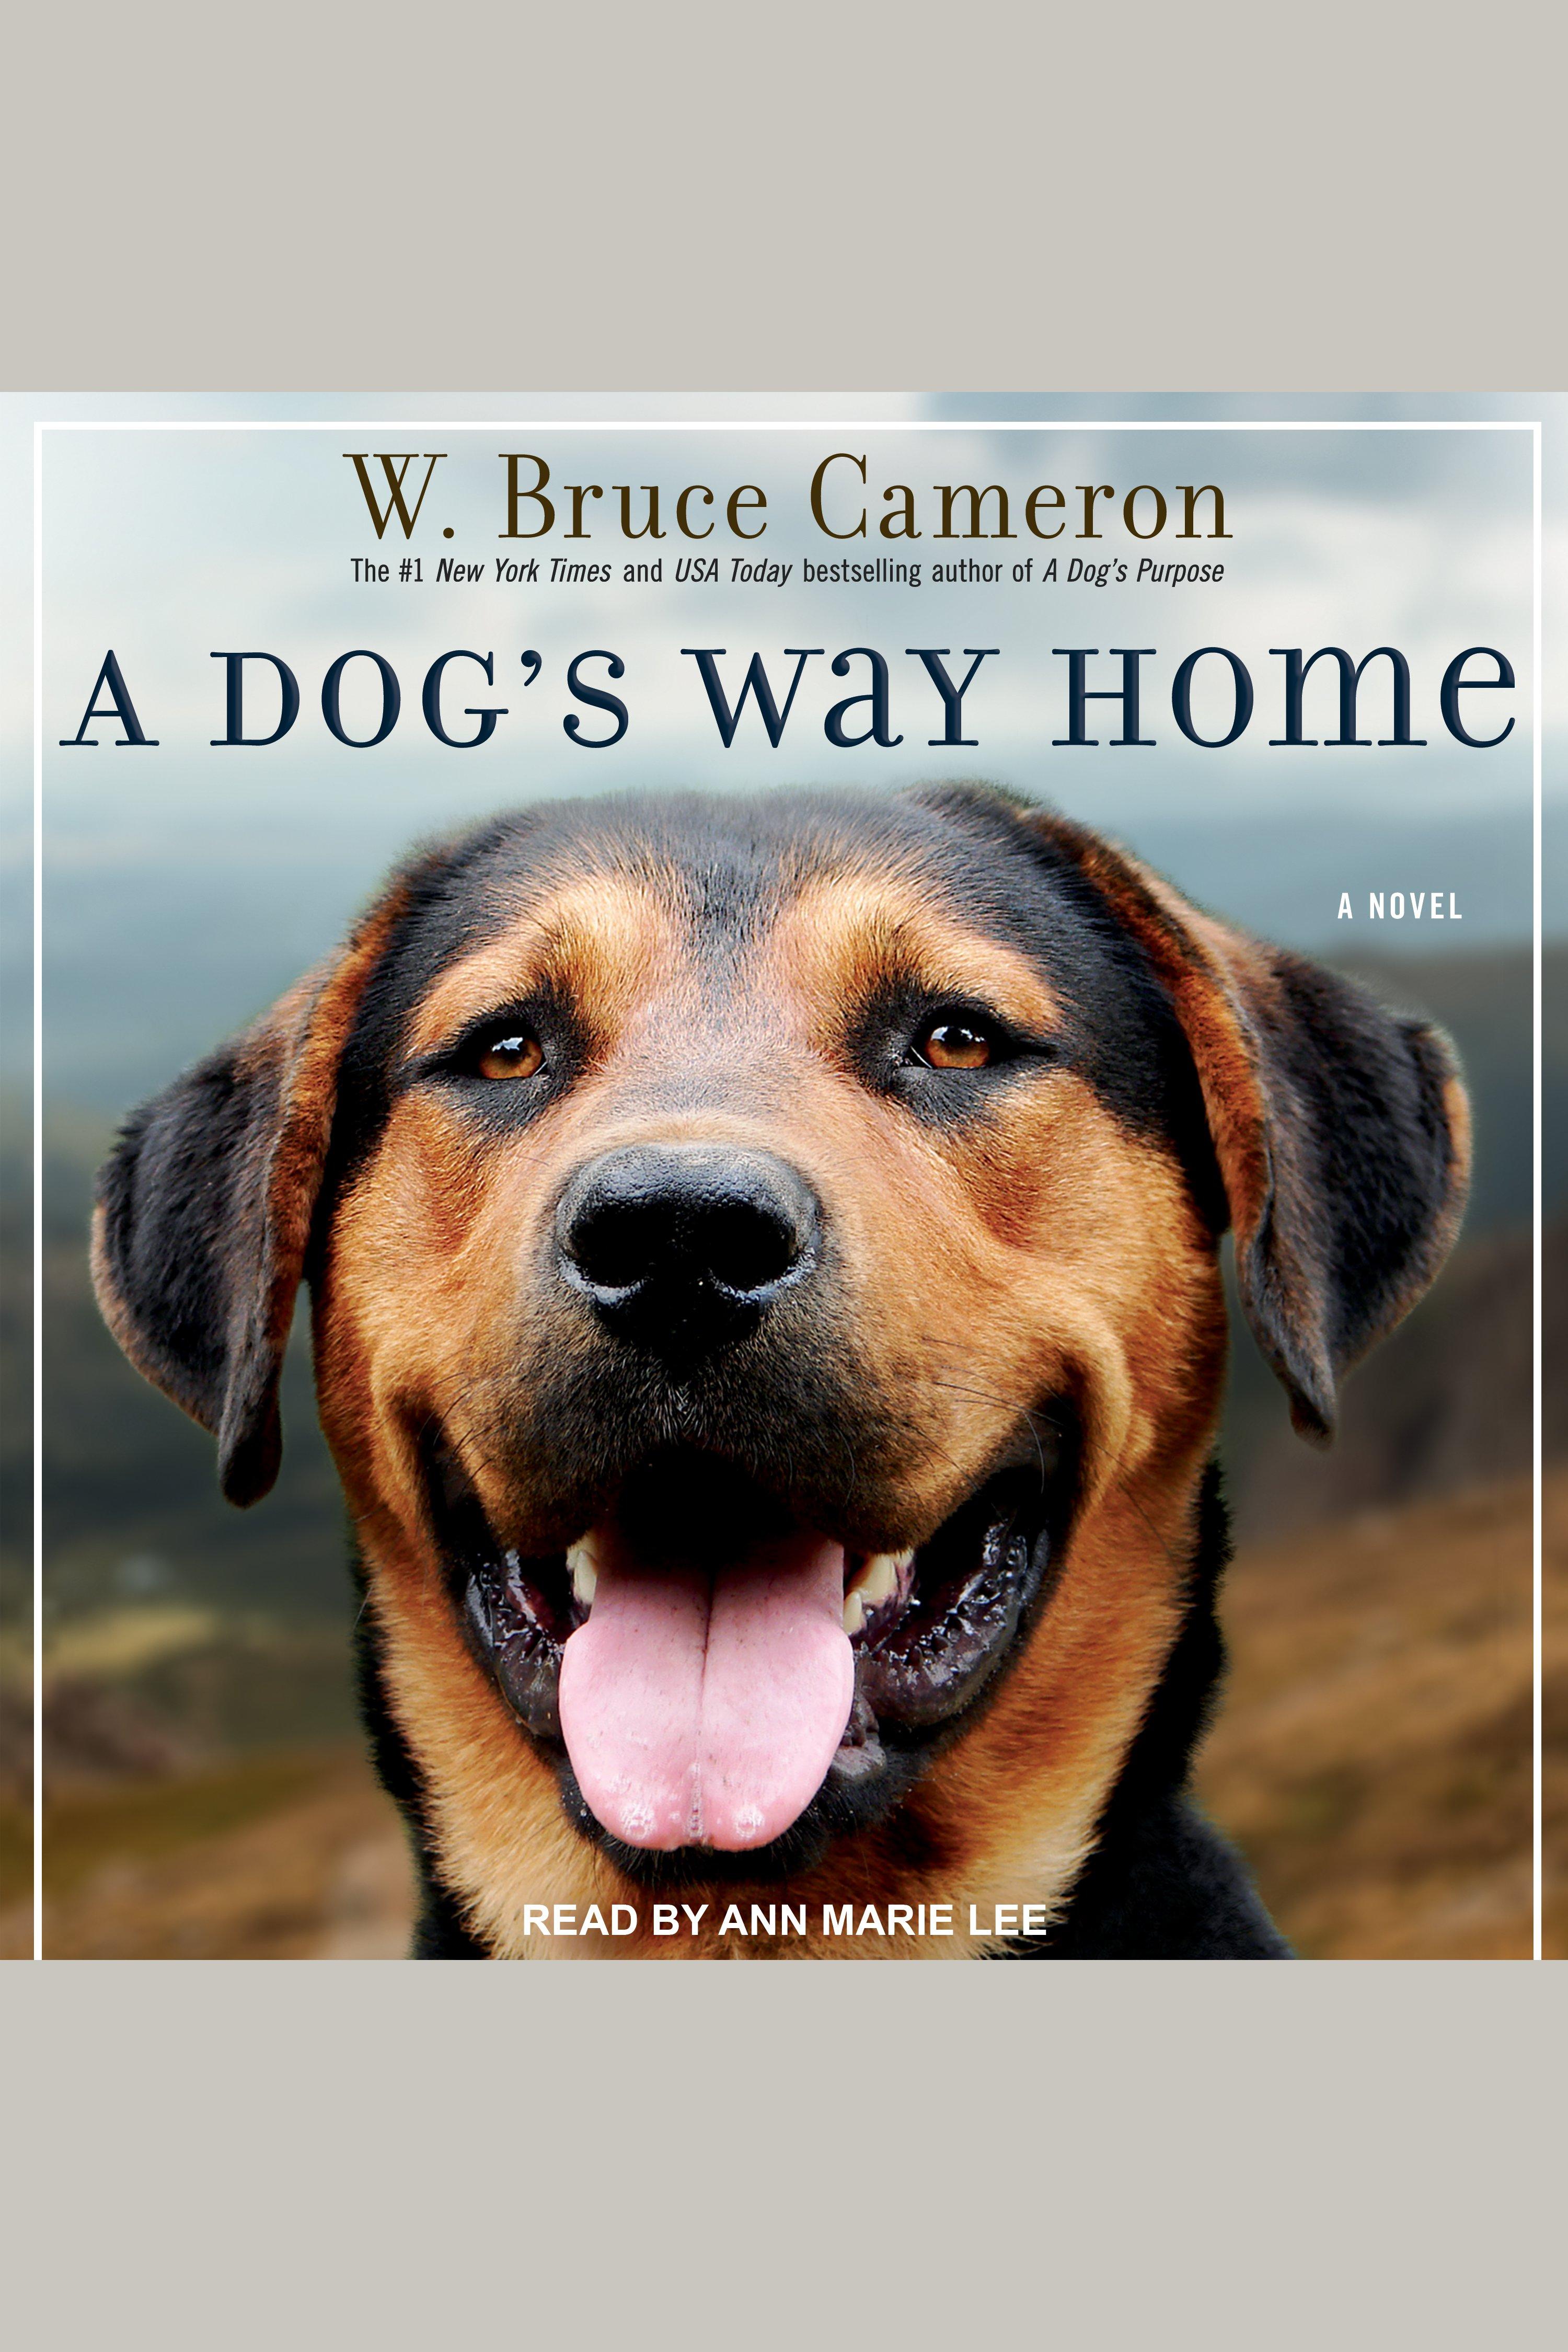 Dog's Way Home, A